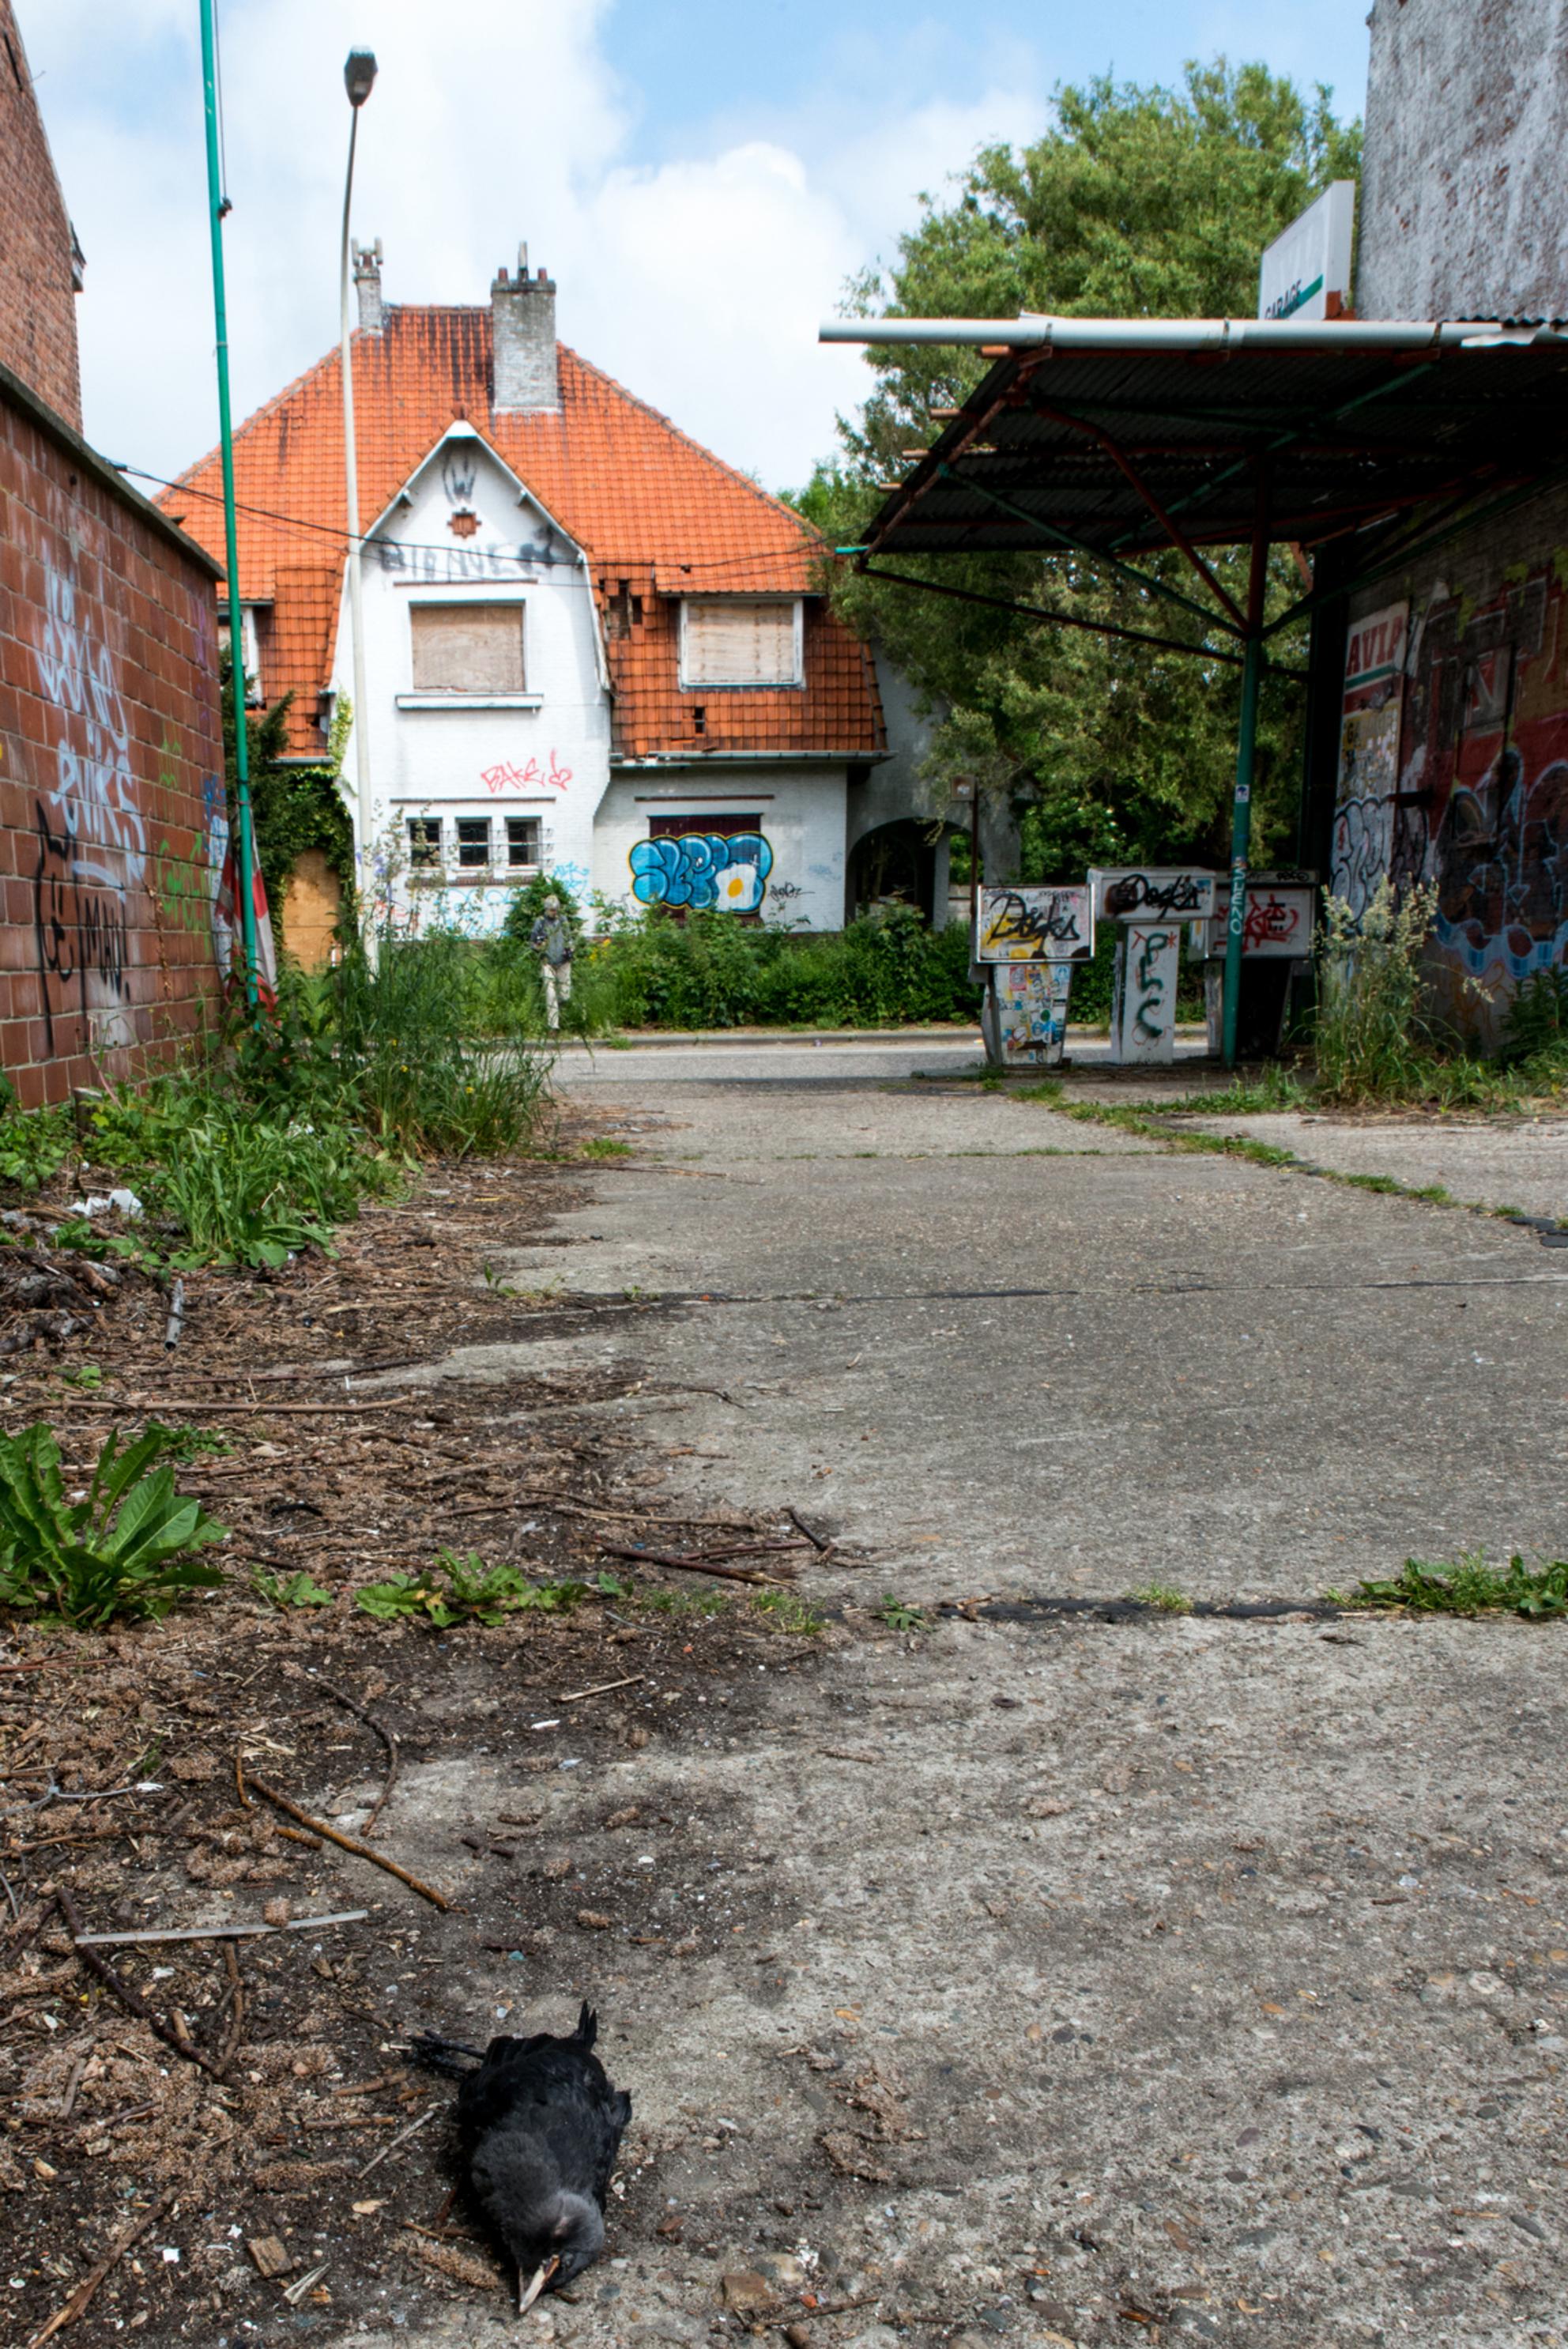 Een uitgestorven dorp - Doel, een uitgestorven dorp - foto door RonZuidgeest op 16-06-2013 - deze foto bevat: grafiti, urbex, doel, finished, kaput - Deze foto mag gebruikt worden in een Zoom.nl publicatie